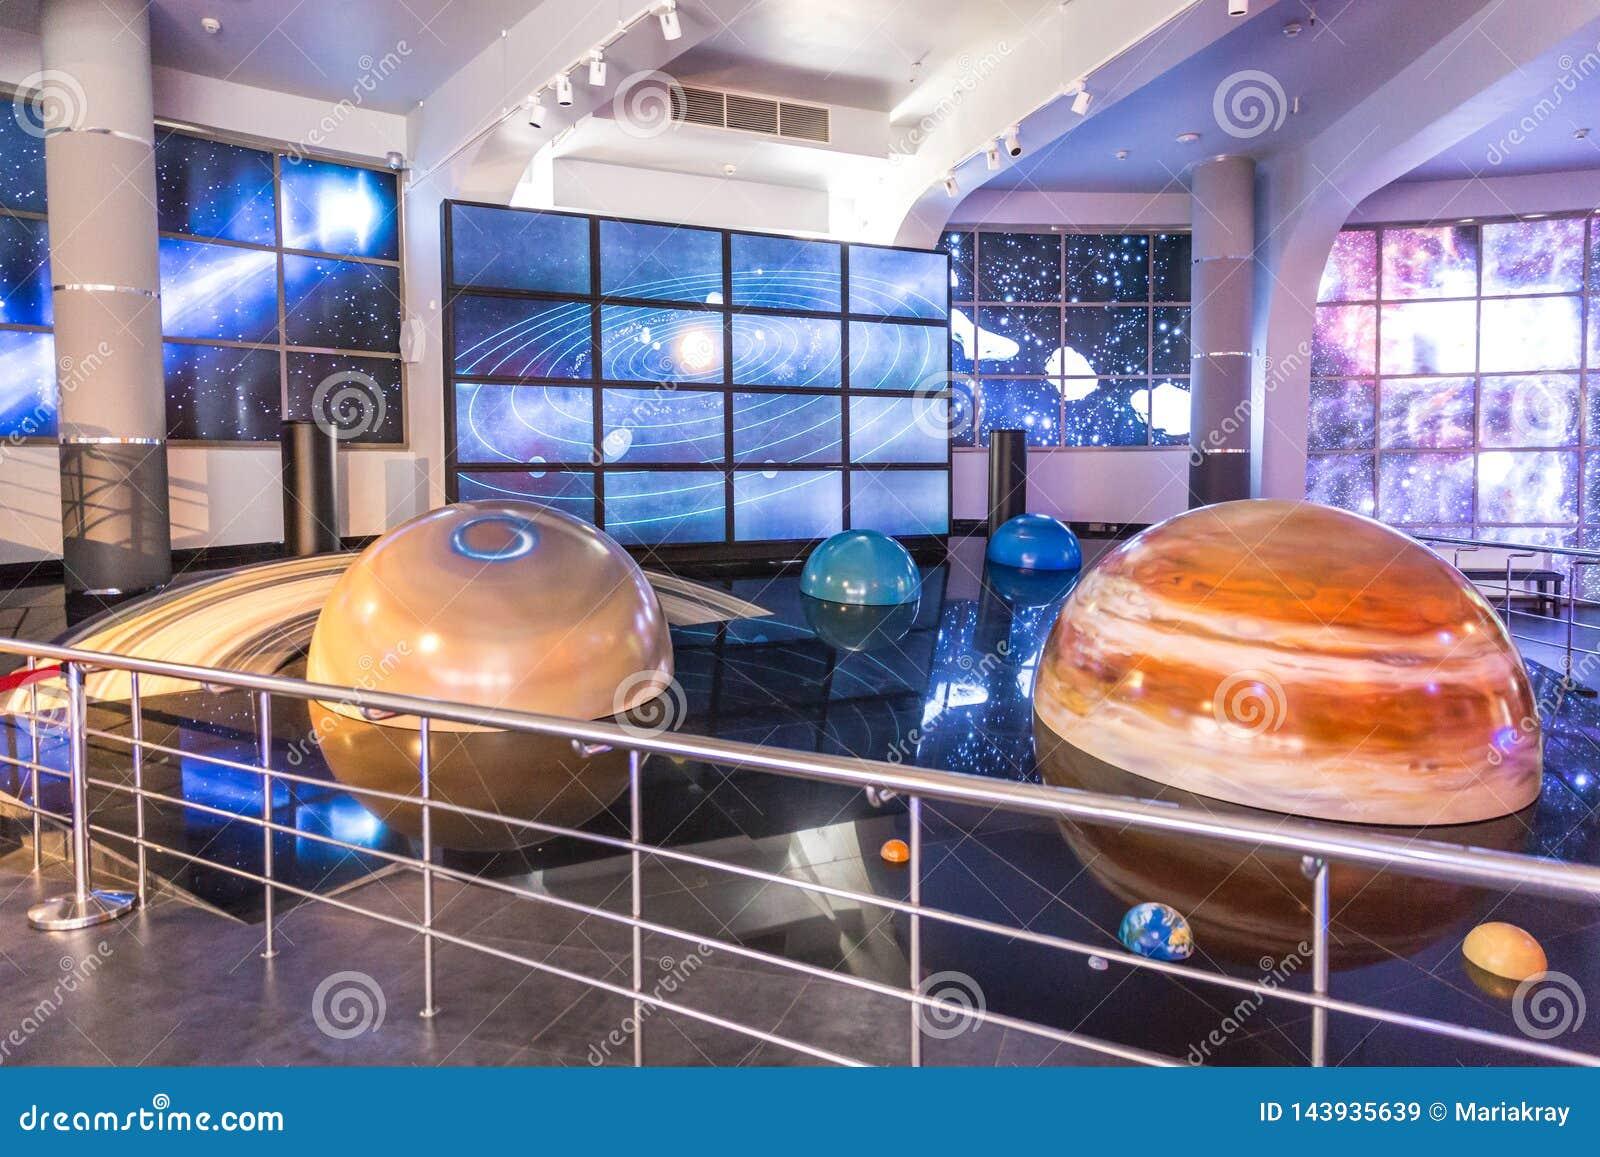 MOSCA, RUSSIA - 28 SETTEMBRE: Mostra nel planetario di Mosca il 28 settembre 2014 a Mosca Uno del mondo